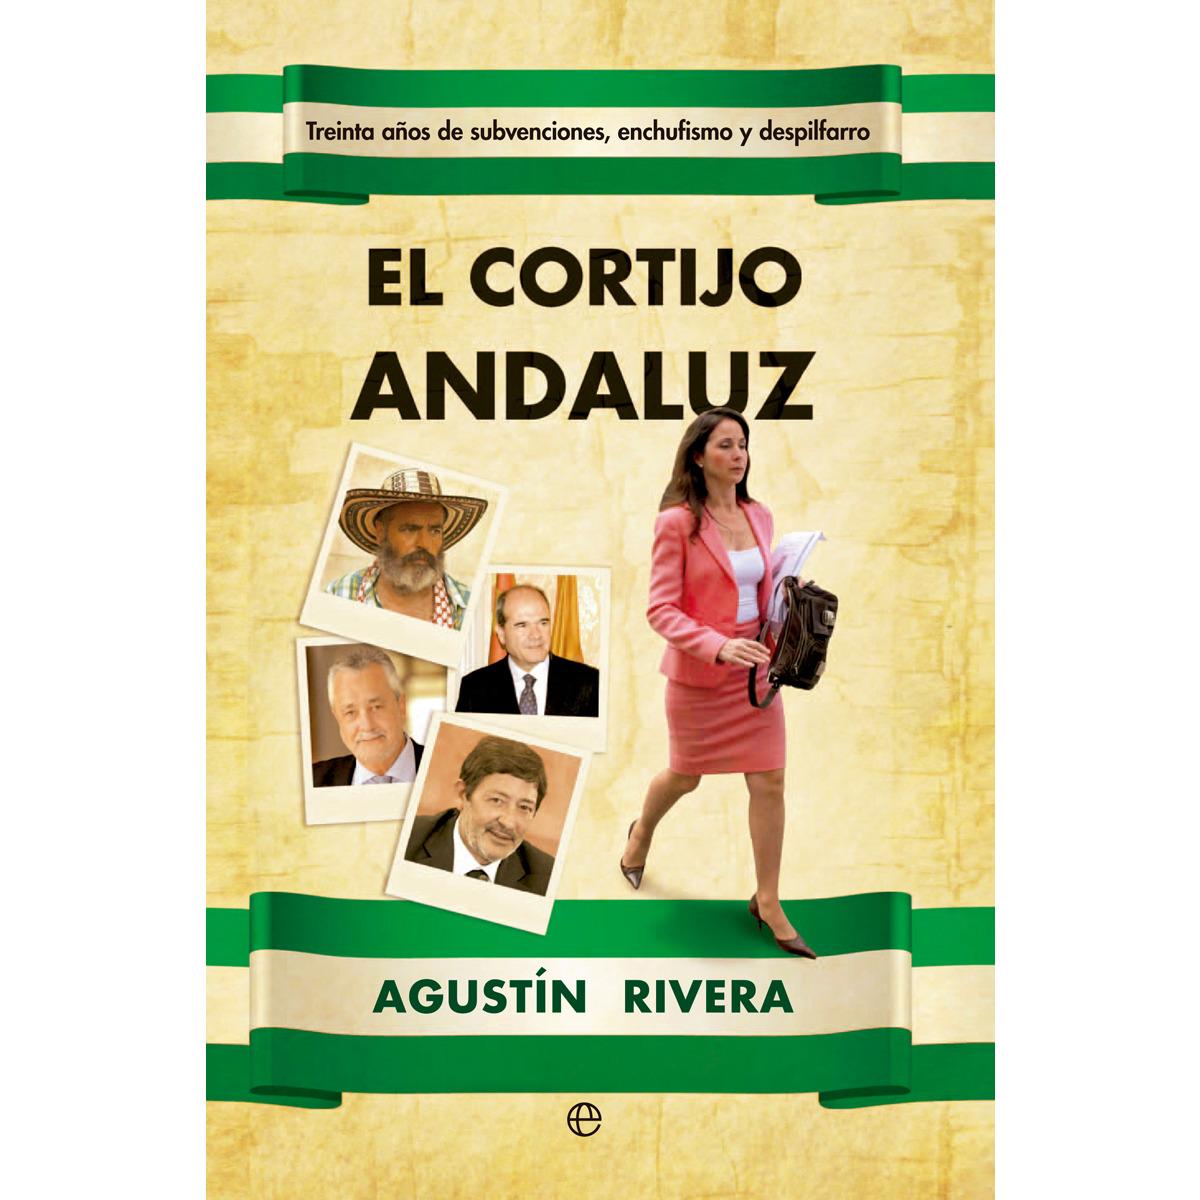 Libro publicado por el periodista Agustín rivera: El cortijo Andaluz